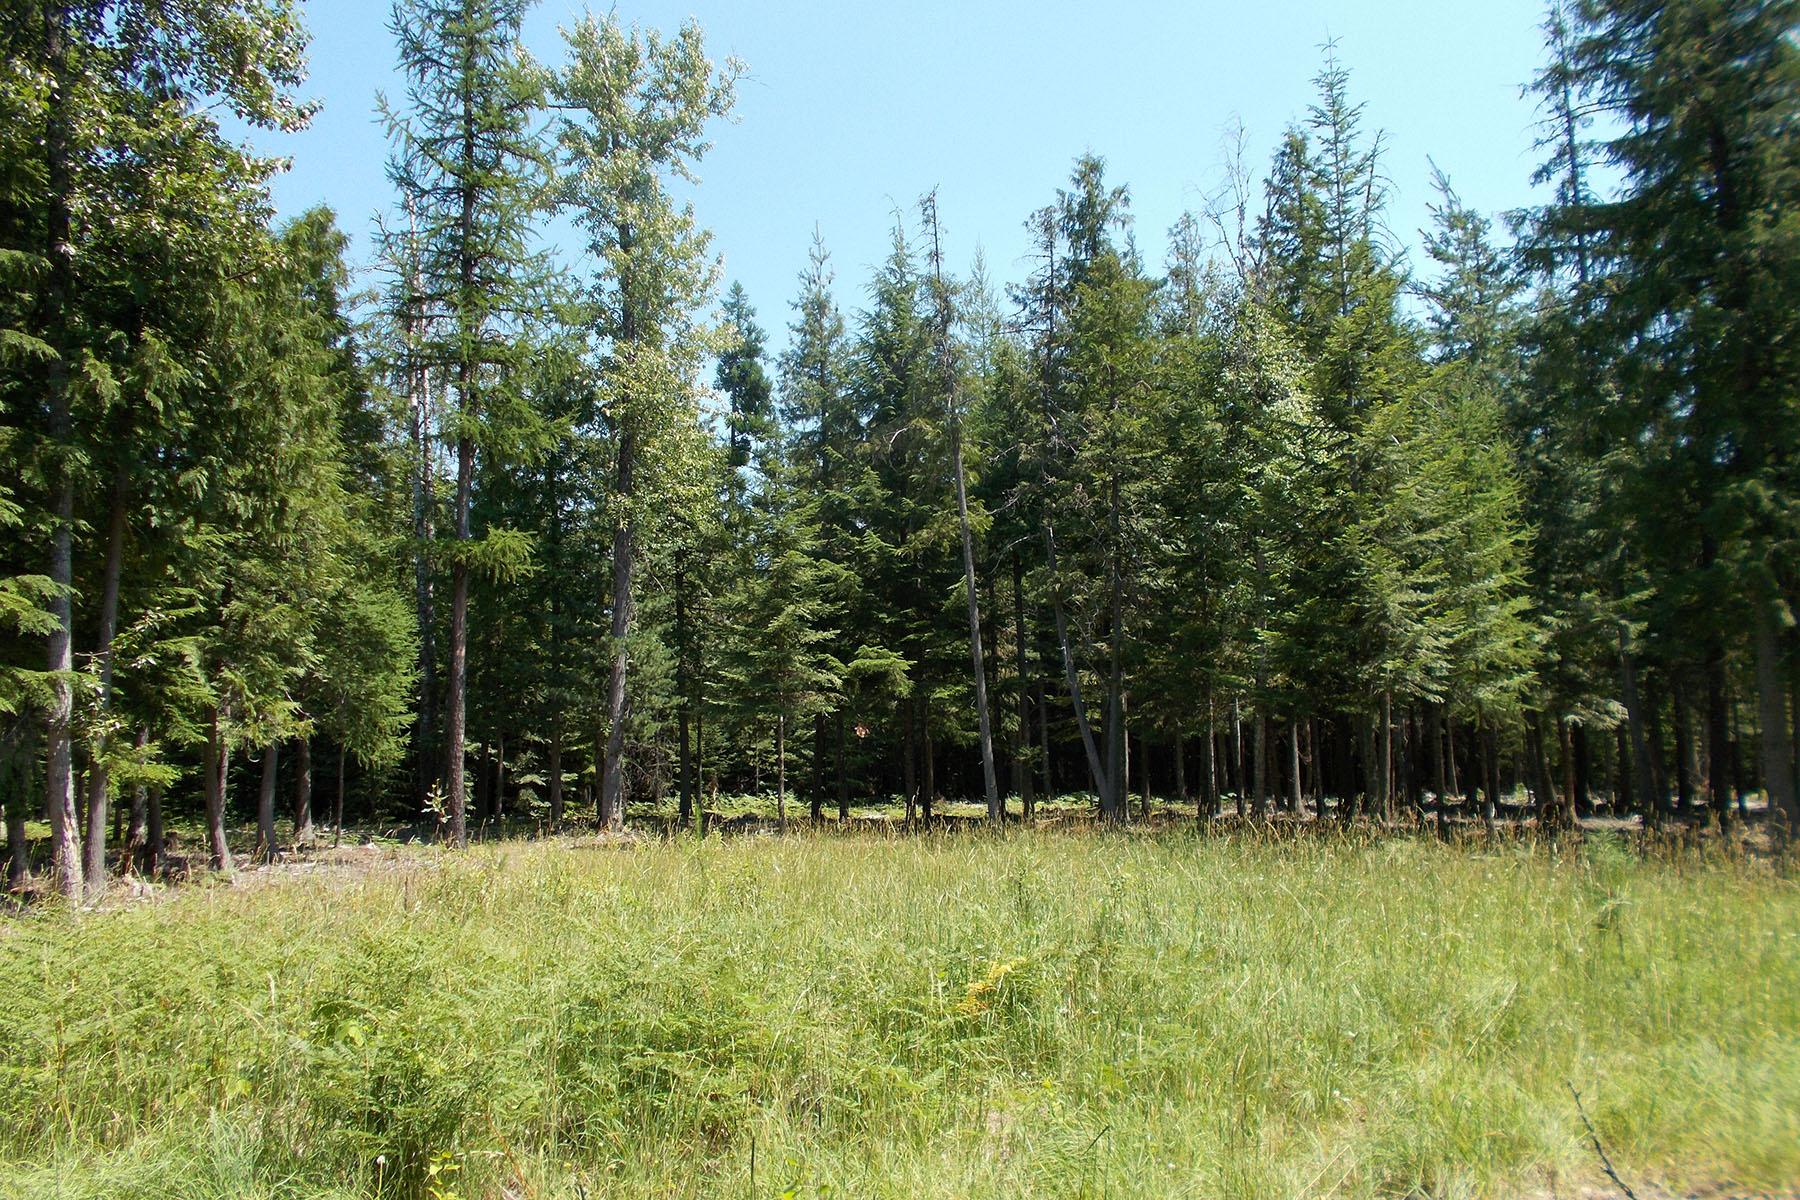 Terreno por un Venta en Timbered property wpaid water hook-up Lot 2 Morris Road Naples, Idaho, 83805 Estados Unidos